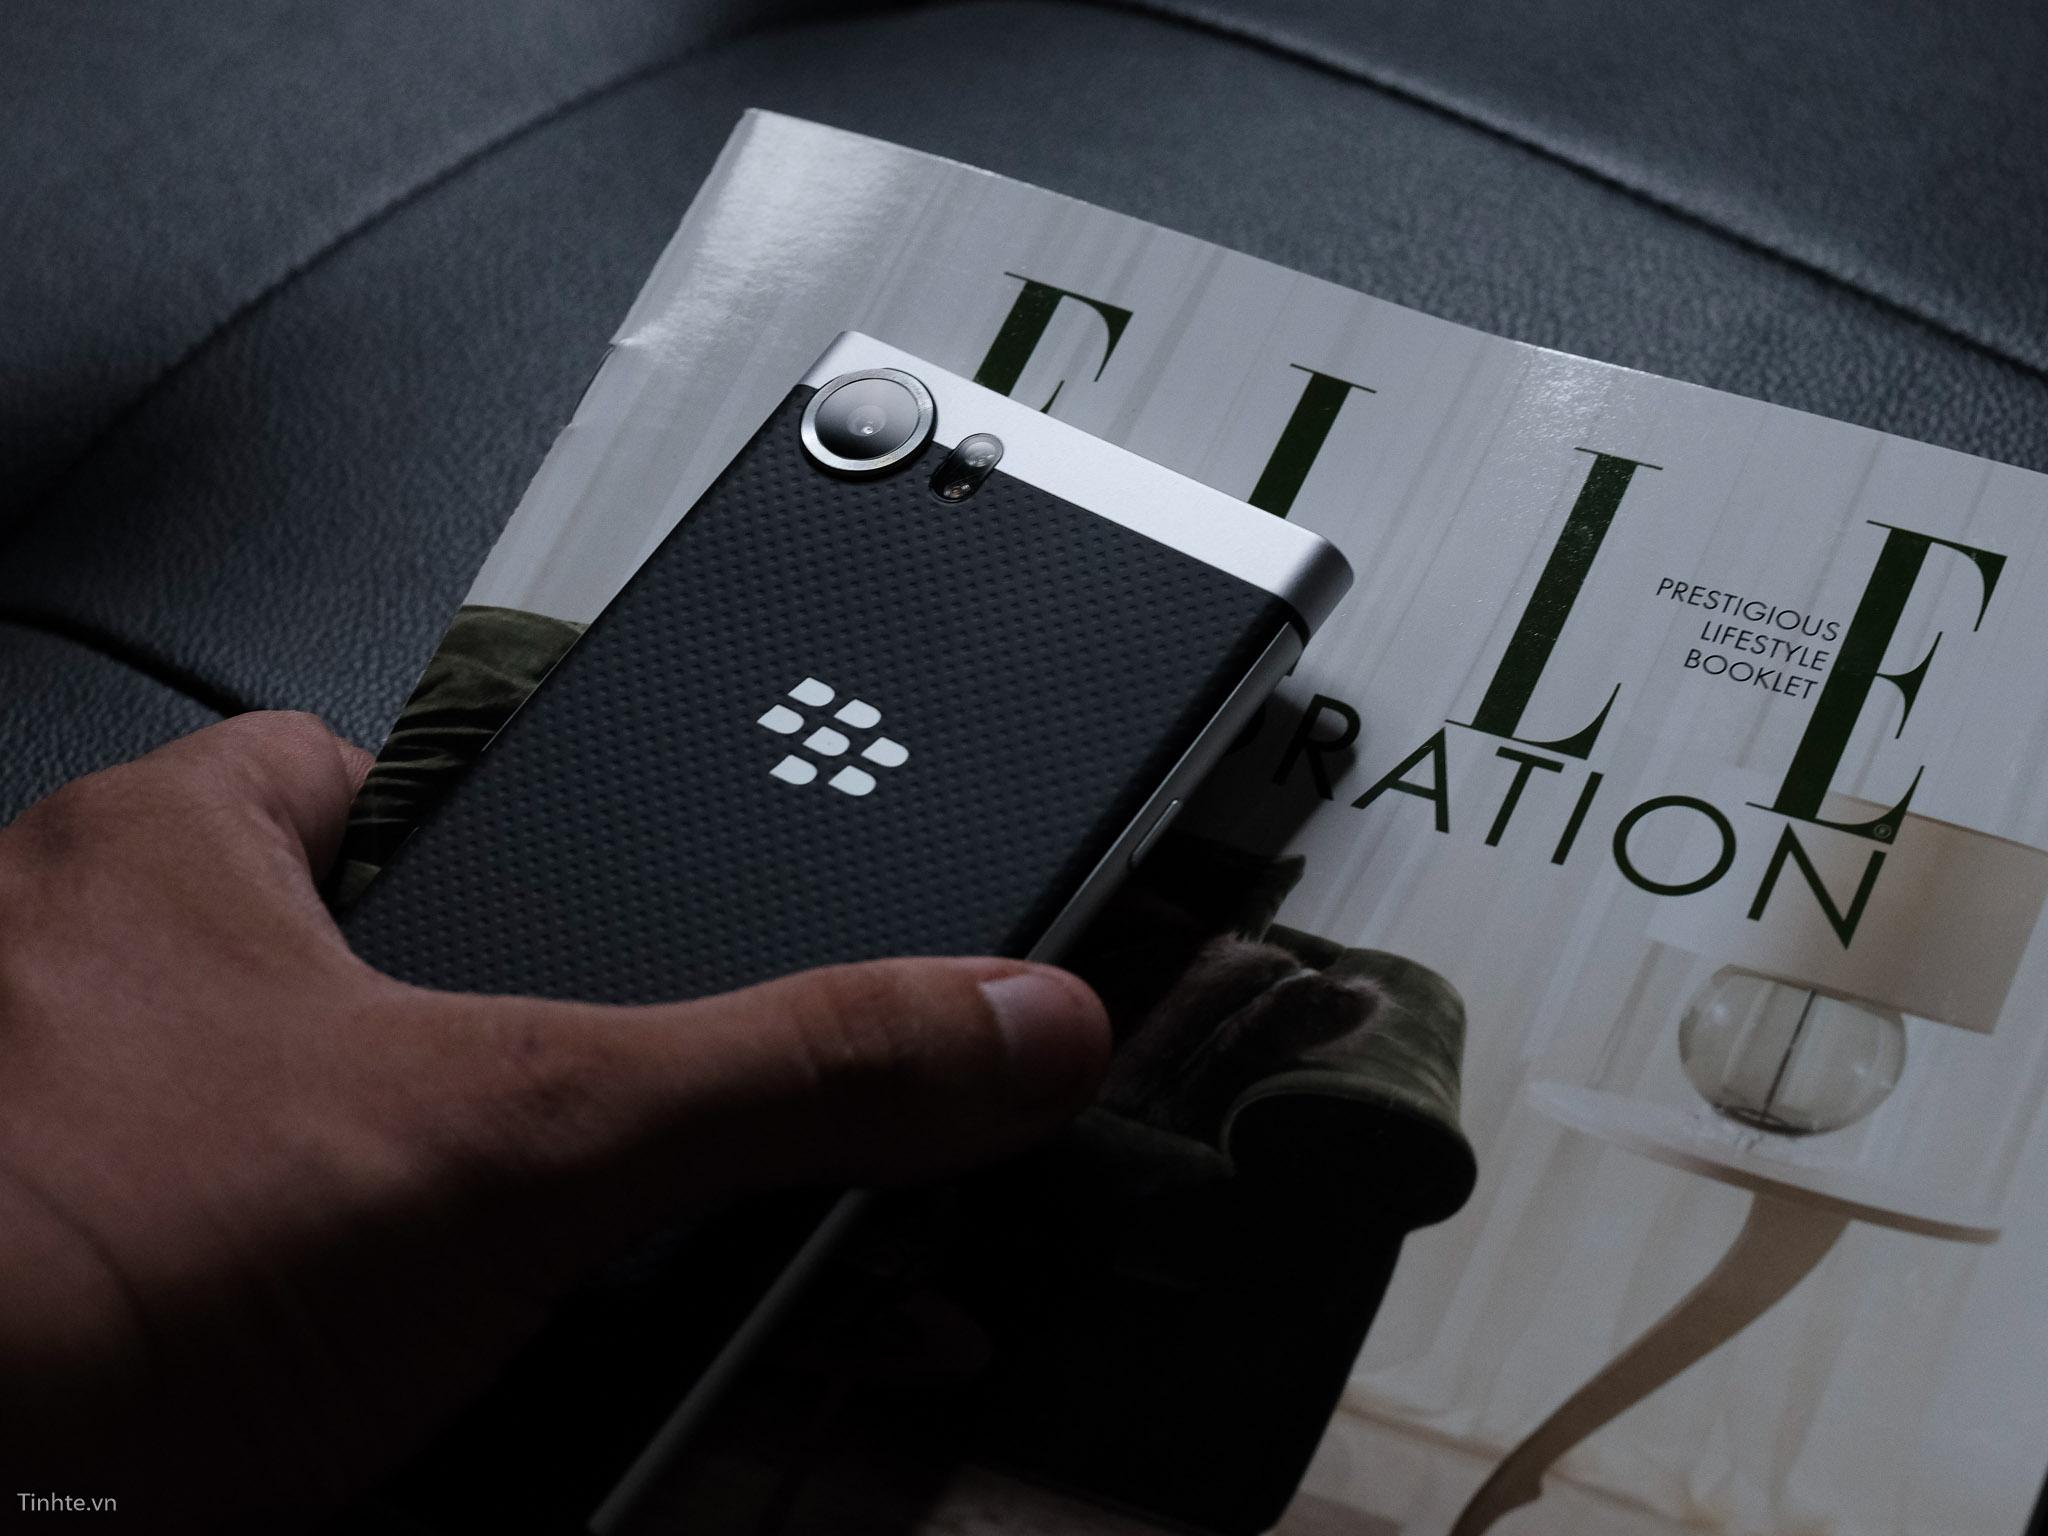 tinhte_anh_so_sanh_samsung_galaxy_s8_vs_blackberry_keyone_ (11).jpg